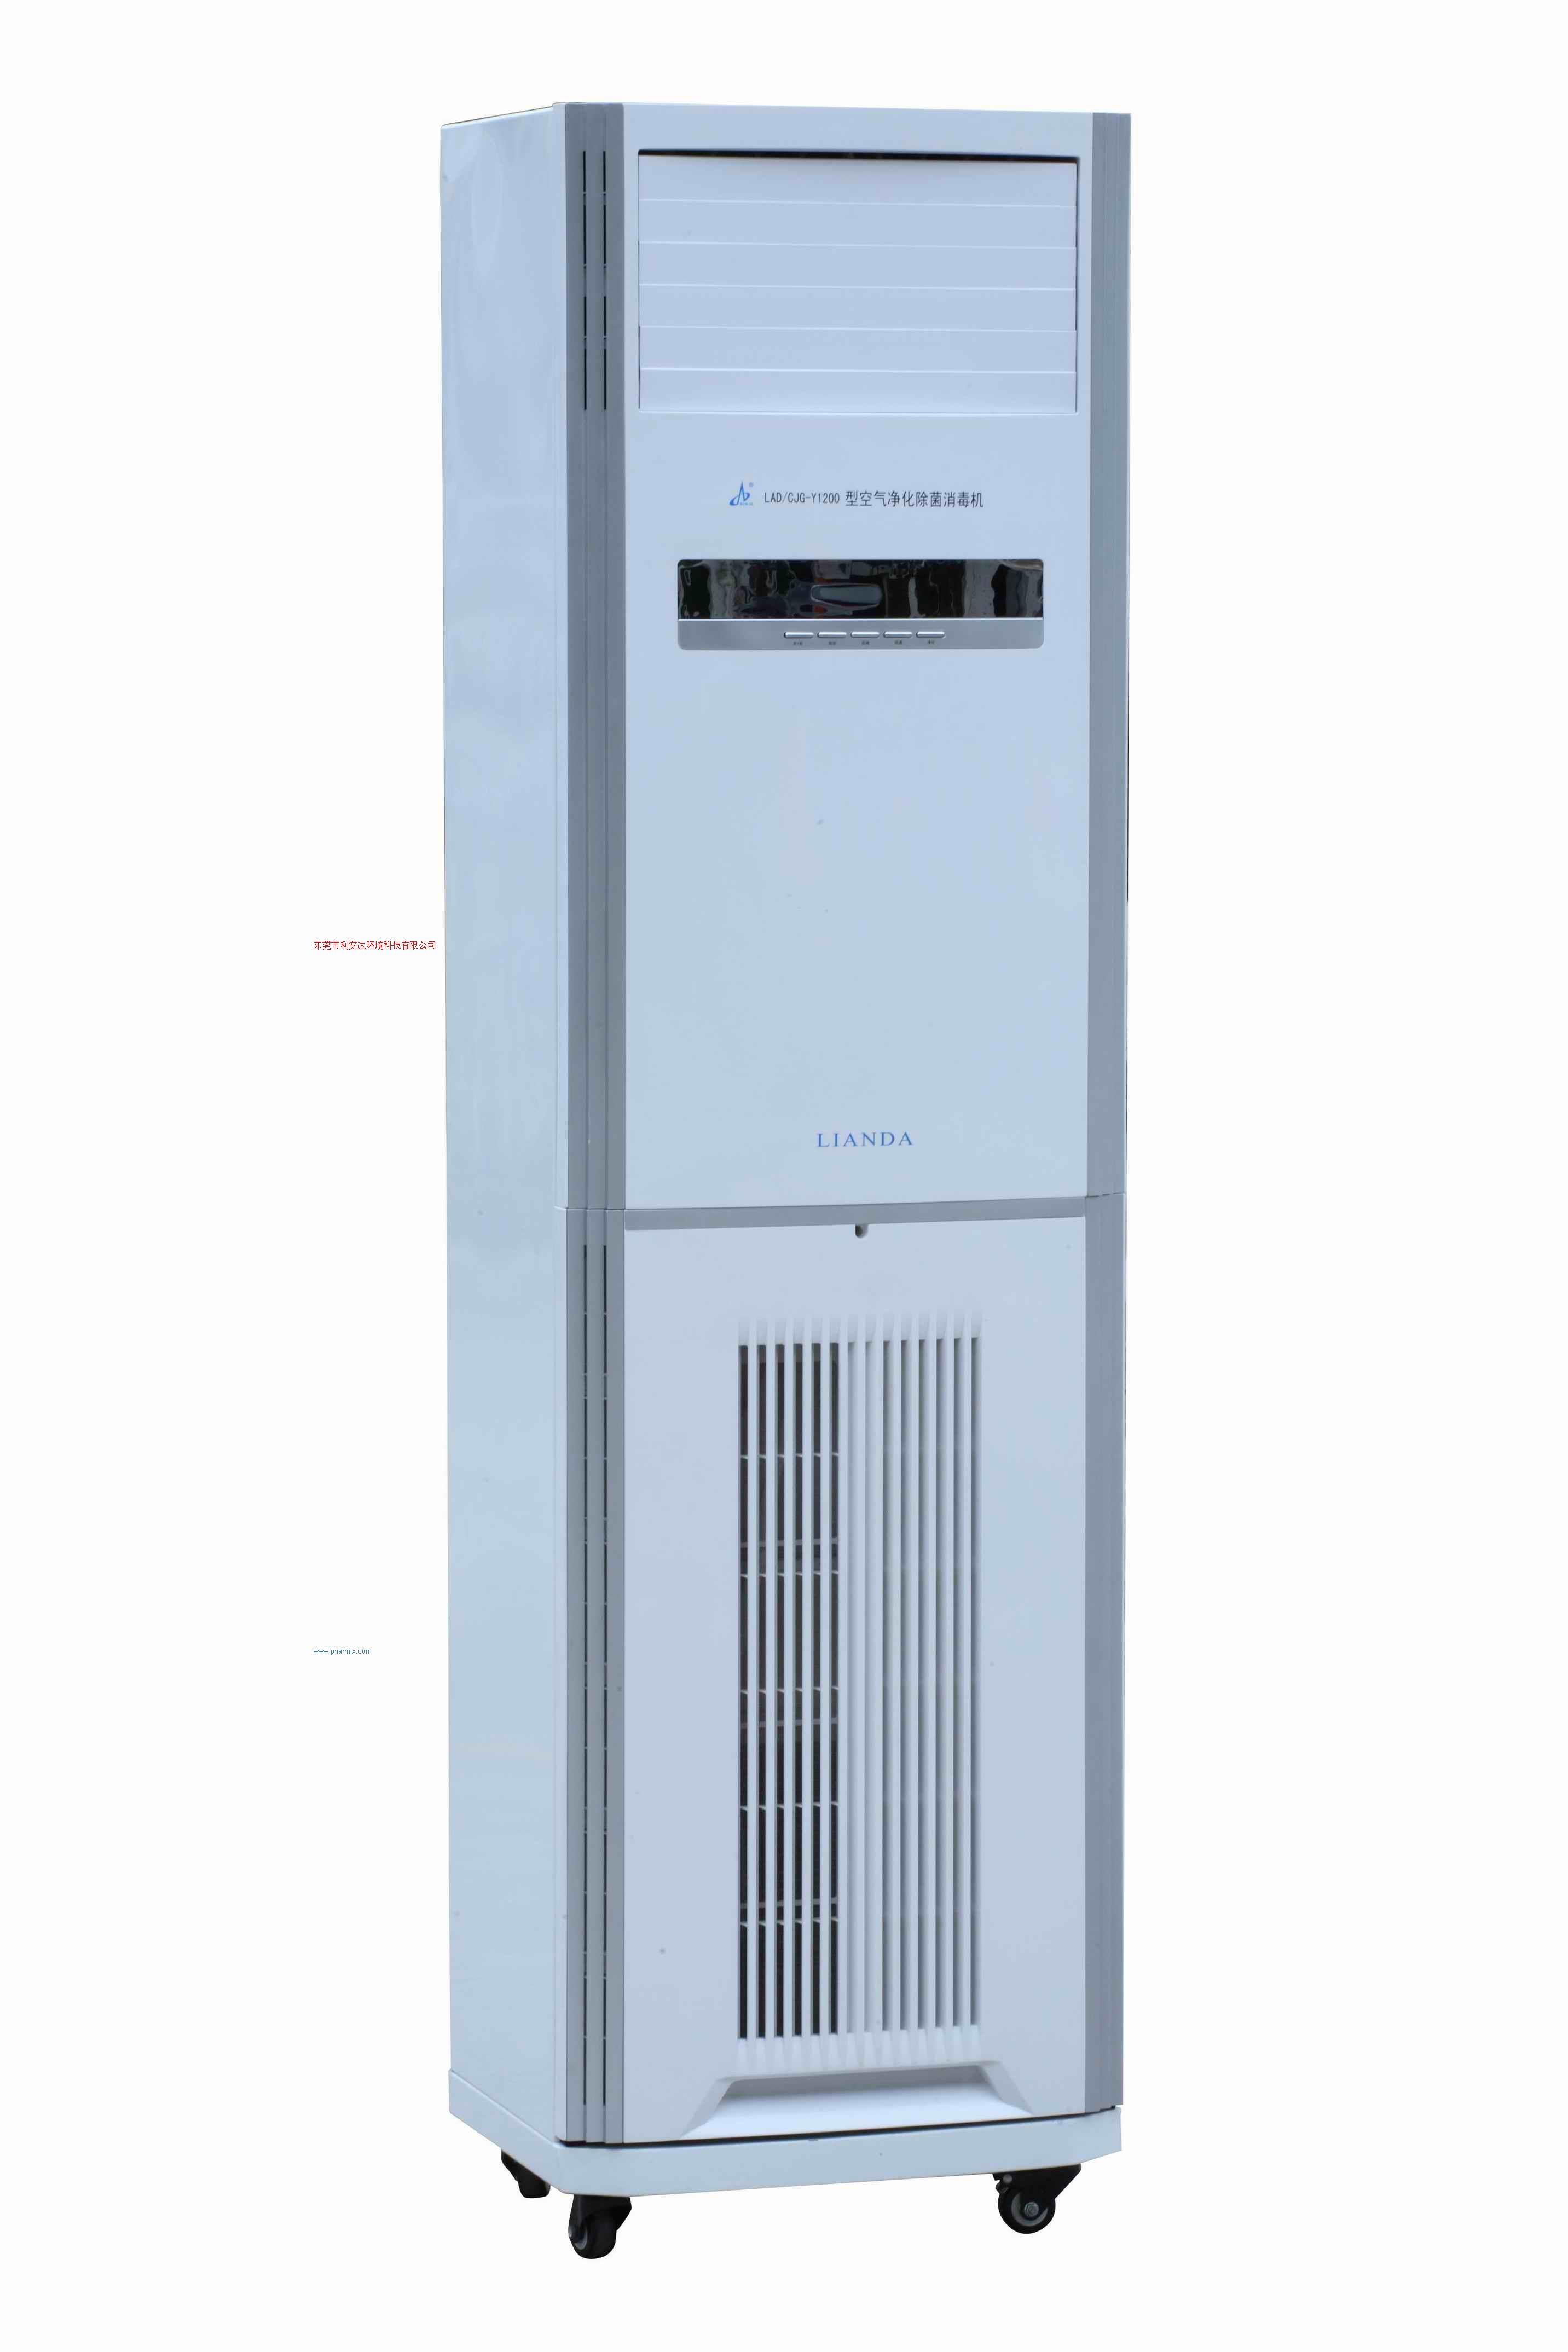 供應柜式空氣凈化消毒機